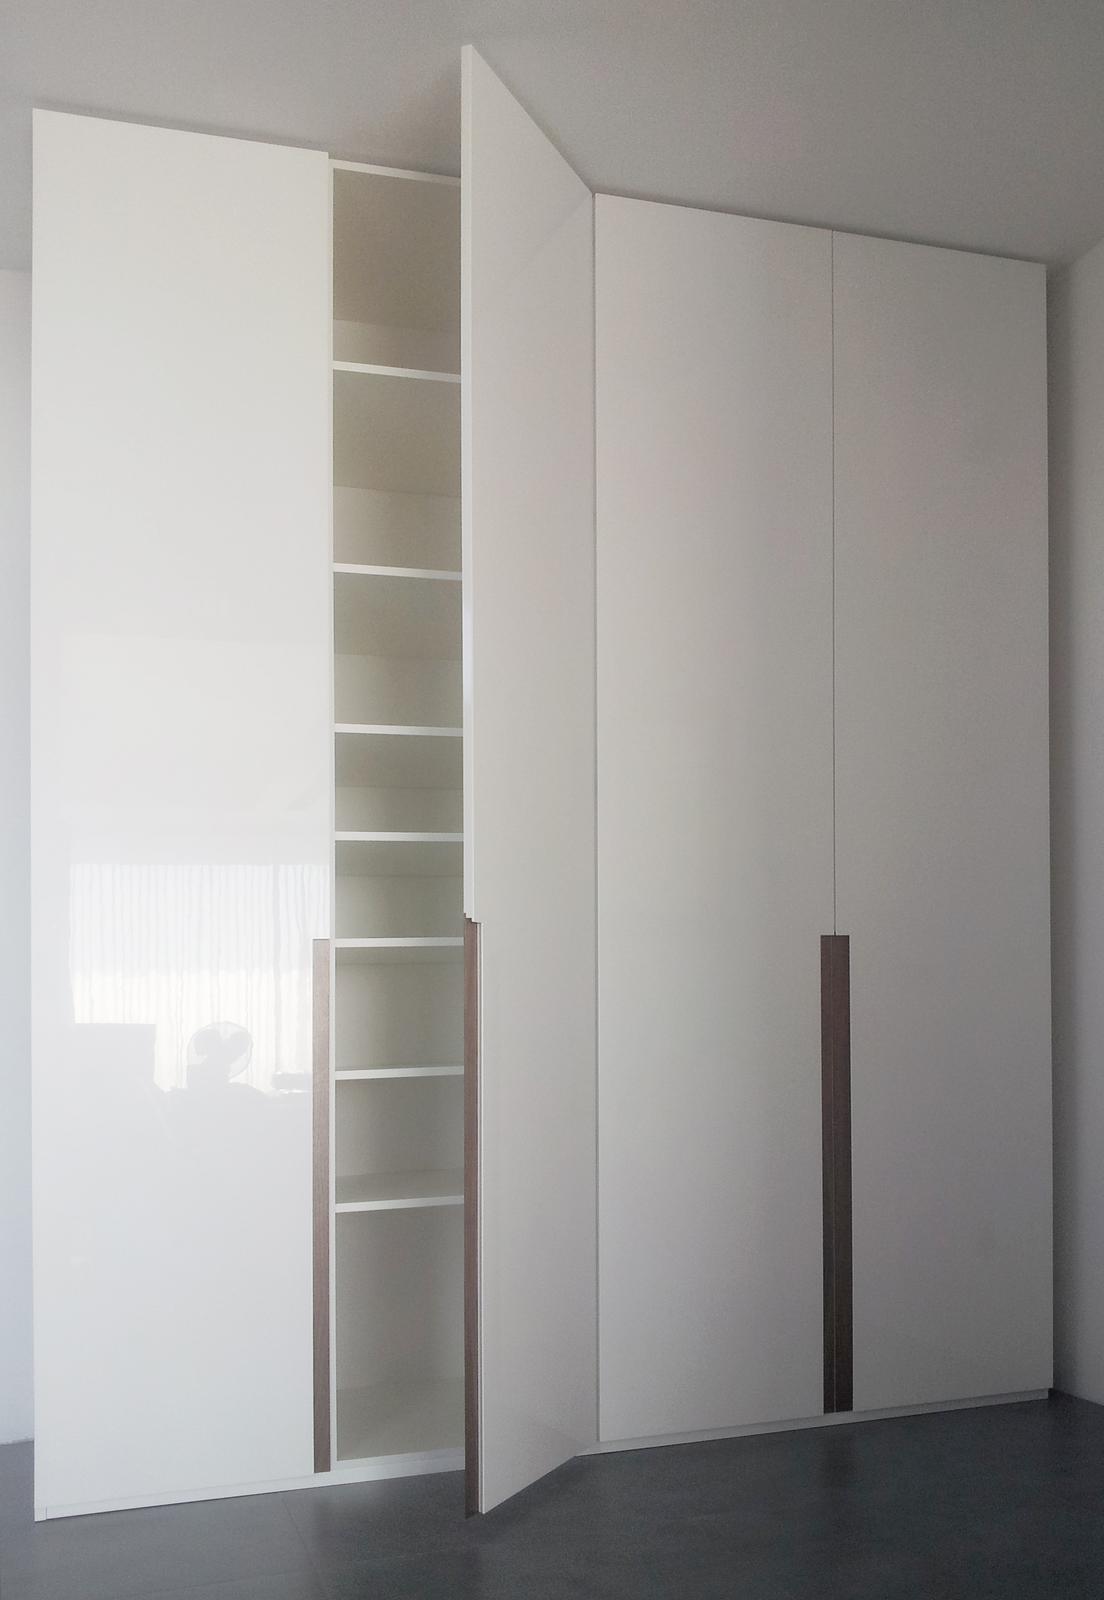 Dizajn a výroba nábytku na mieru Cubica - Vstavaný šatník s krídlovými dverami - mdf striekaná lesklá + americký orech - výroba cubica